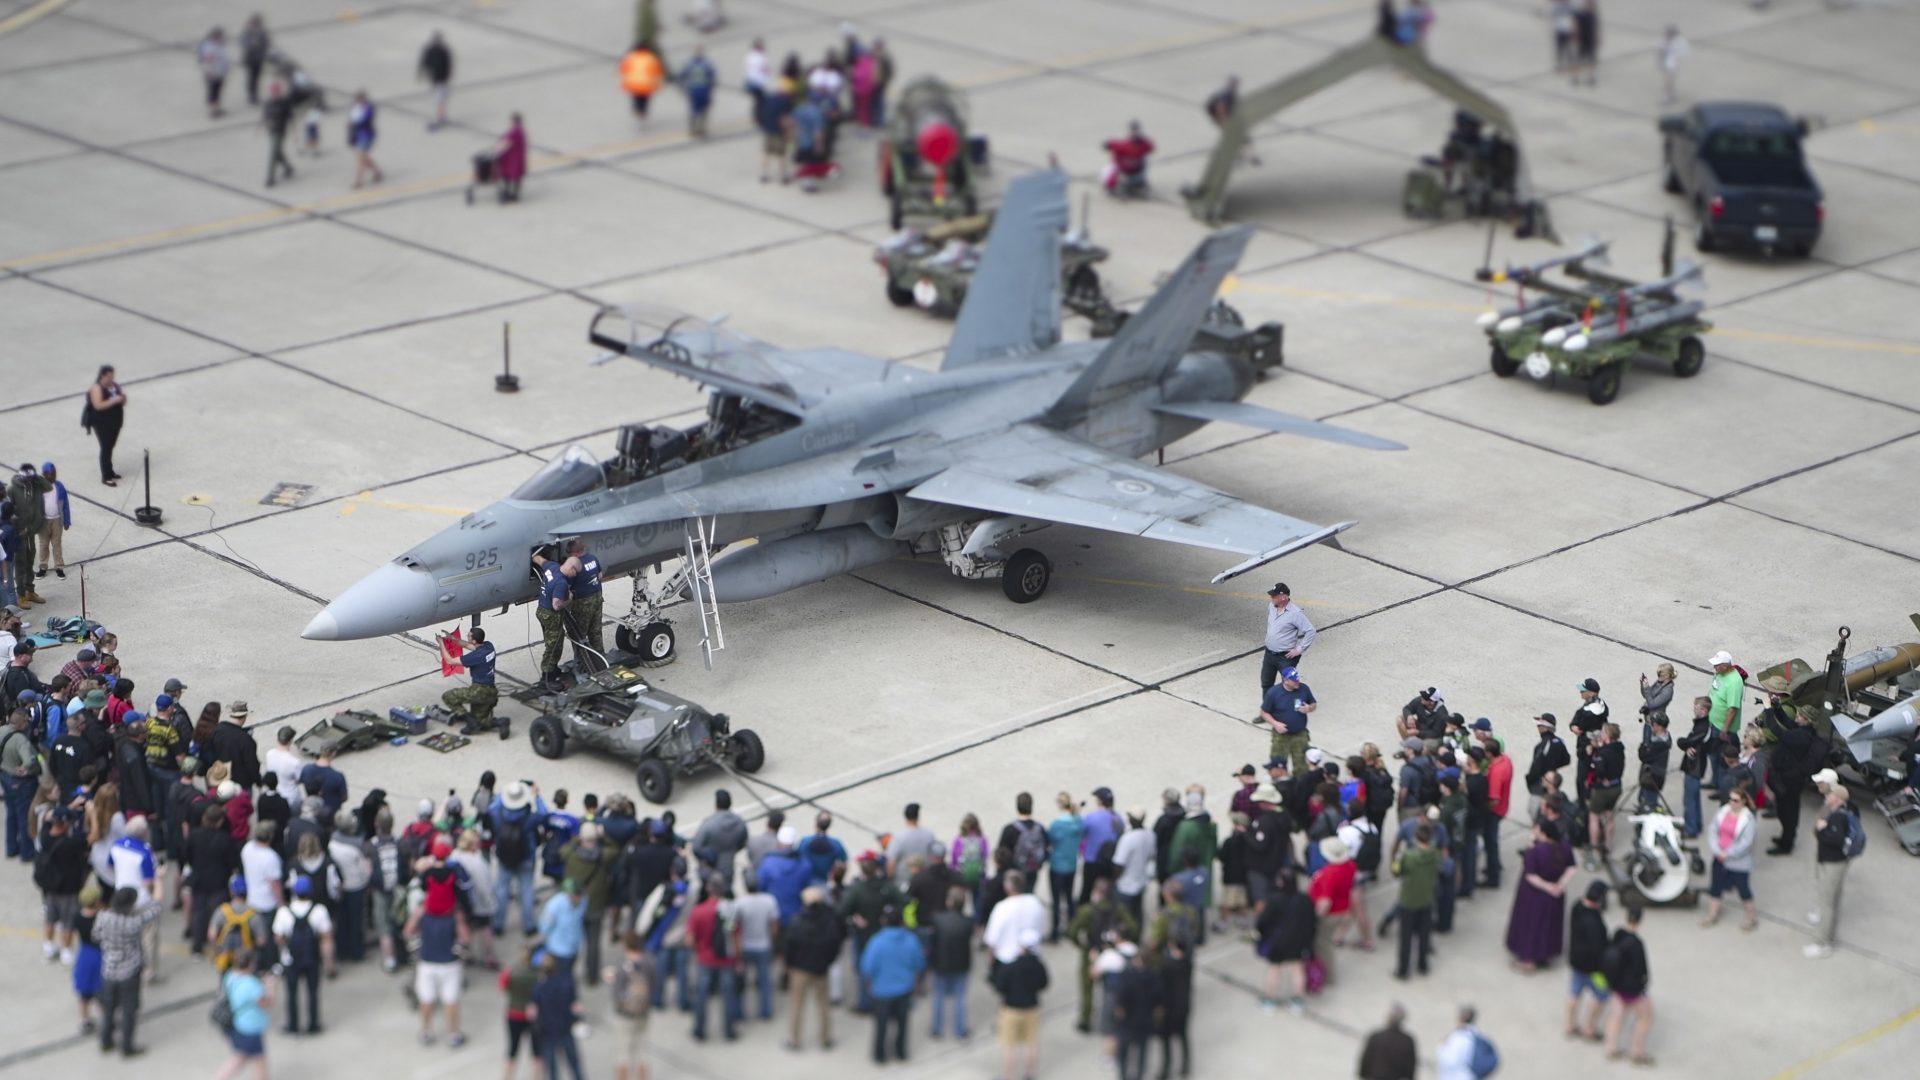 Static display at airshow - F-18